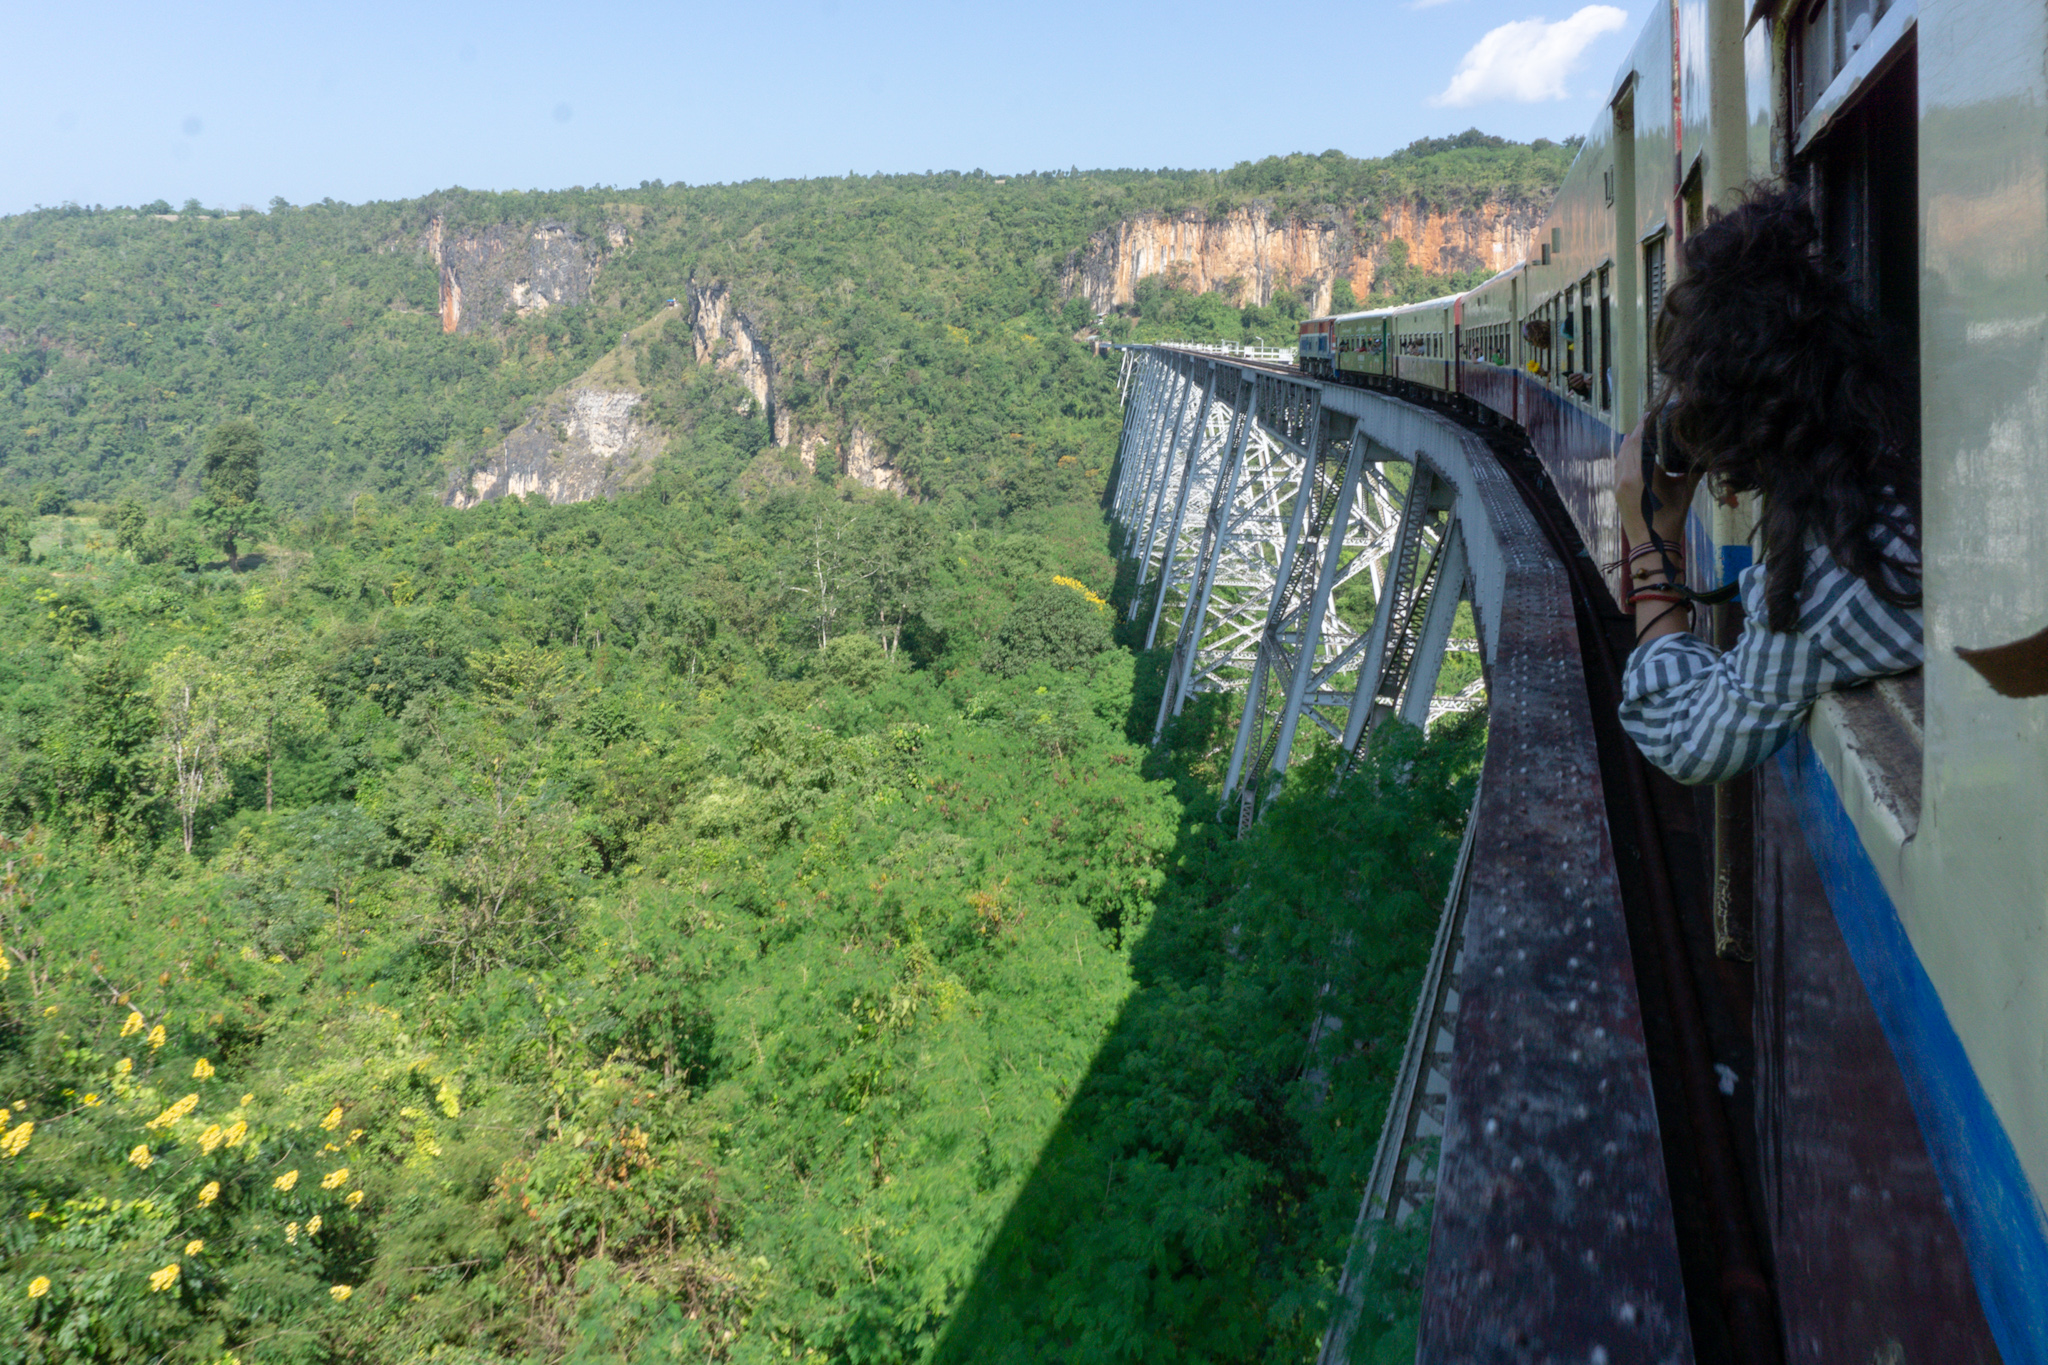 Zugbrücke auf dem Weg nach Hsipaw